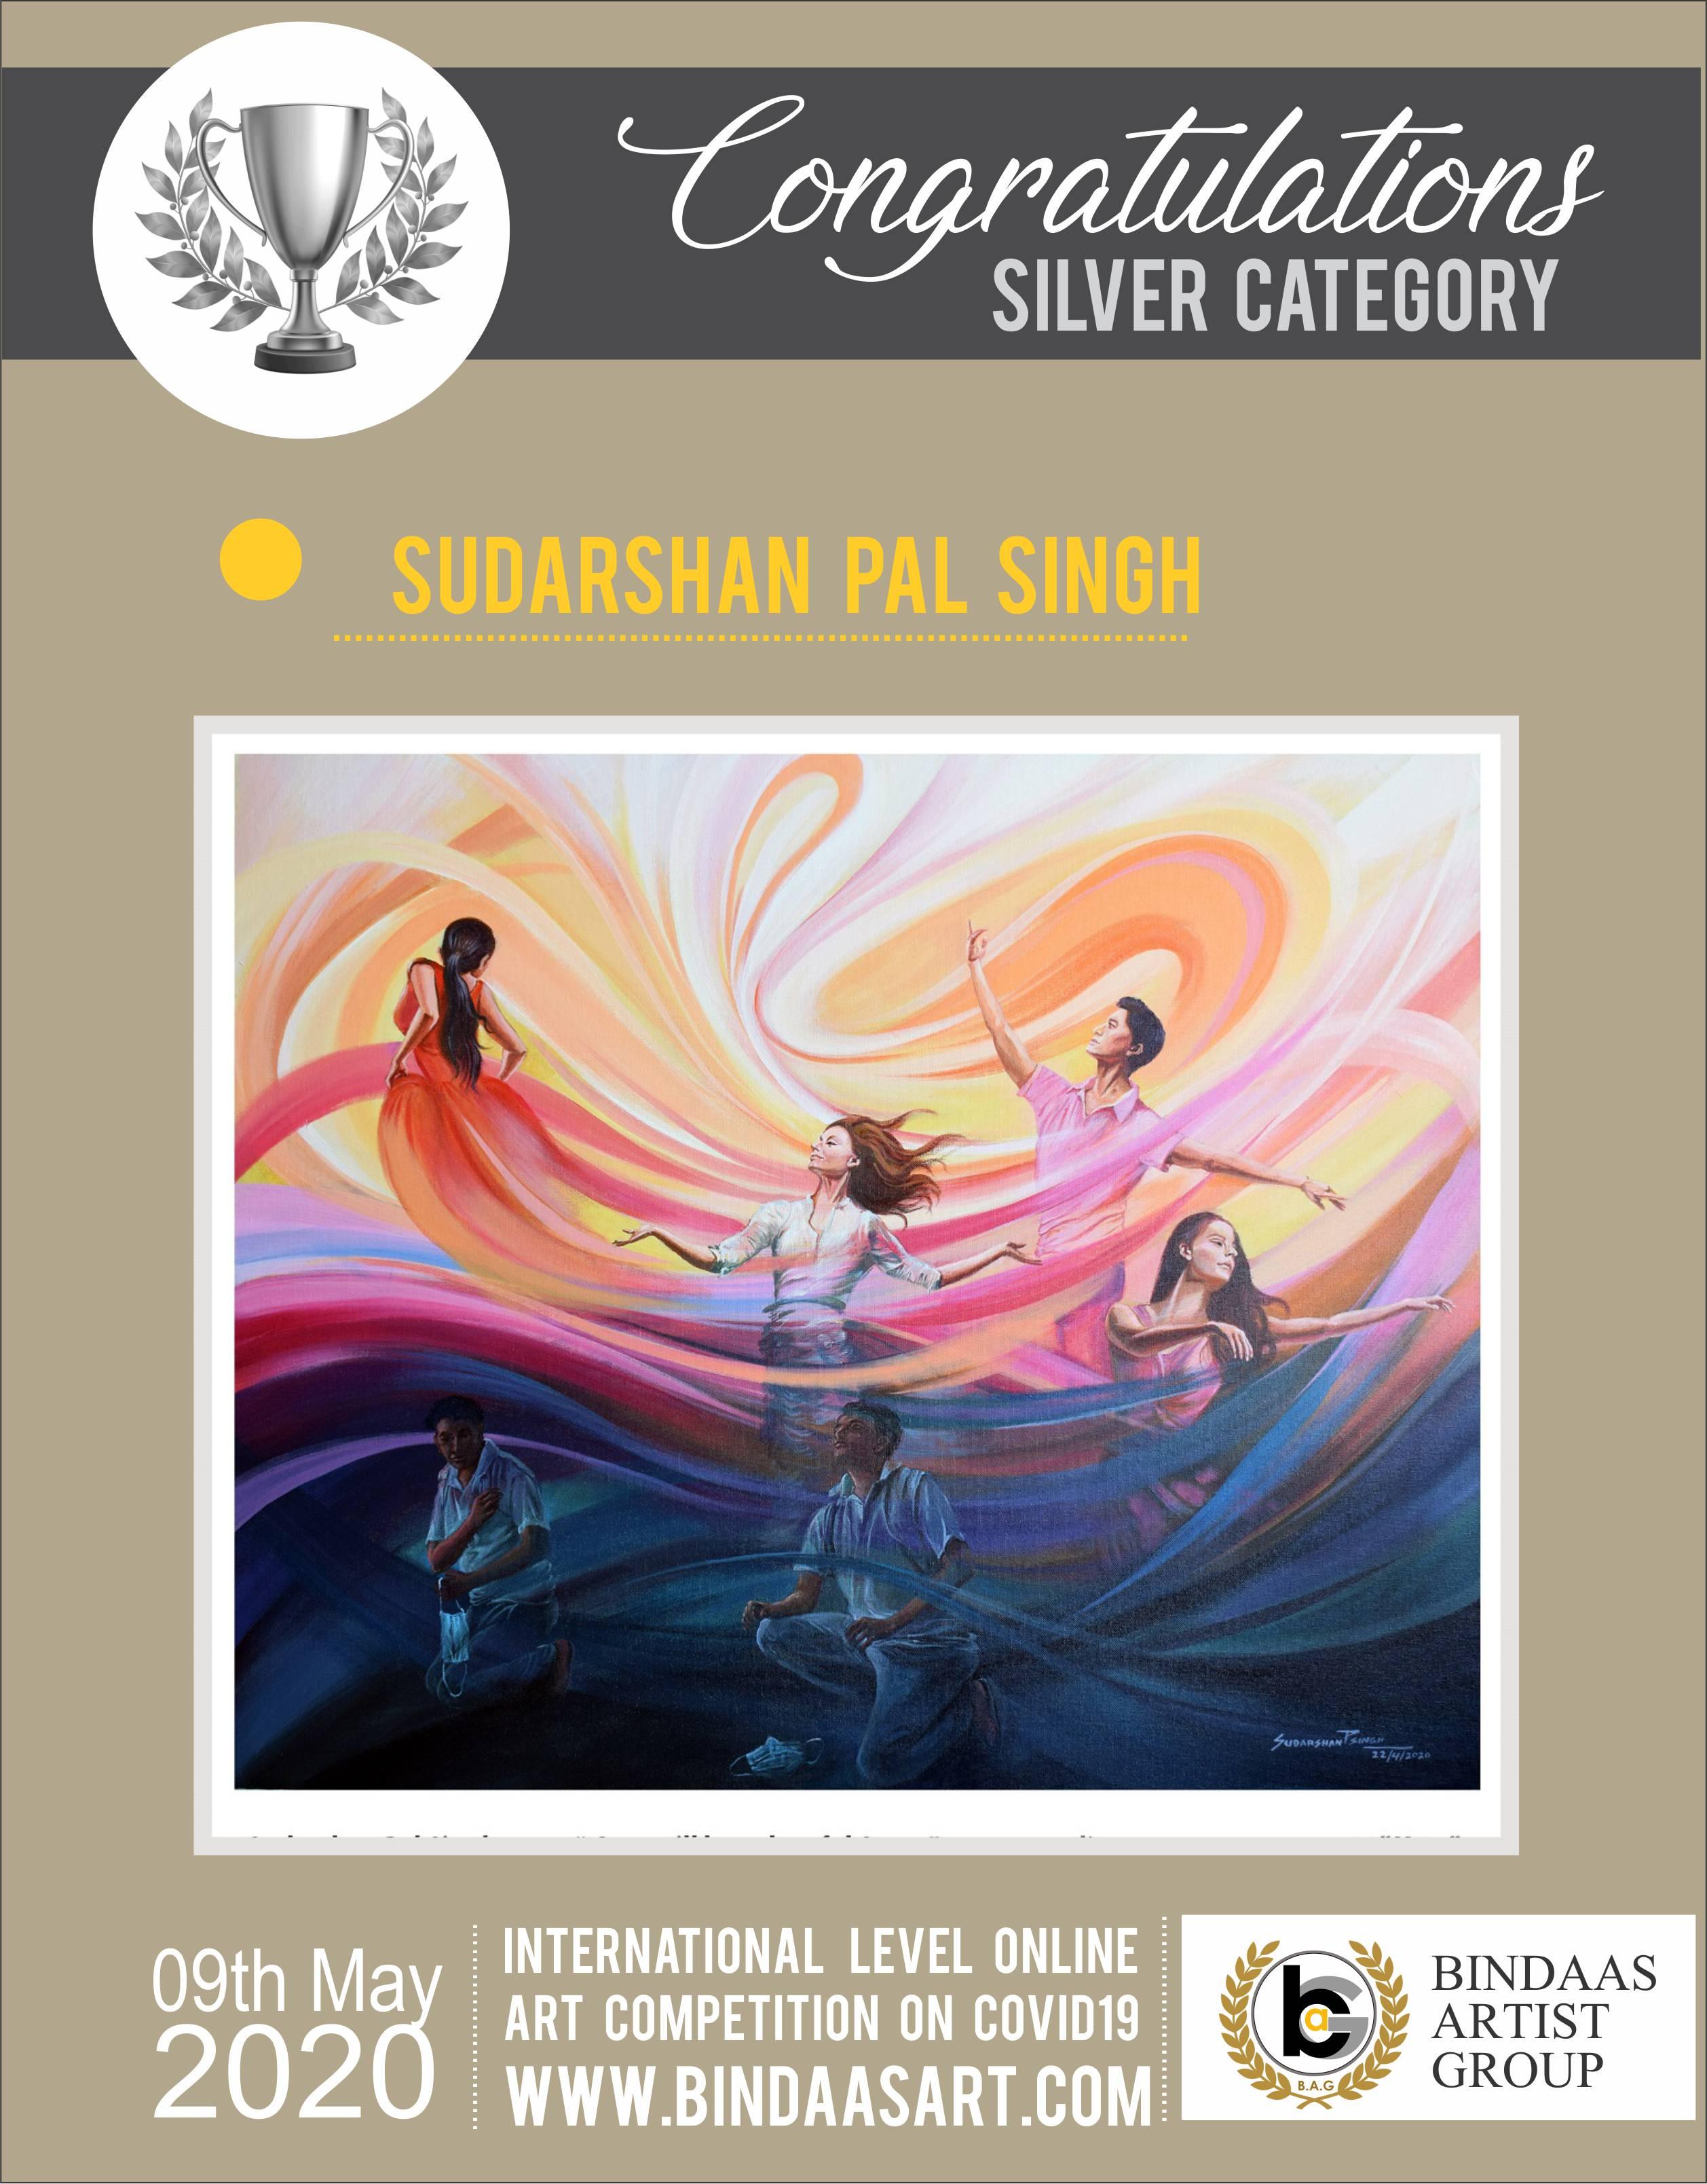 Sudarshan Pal Singh